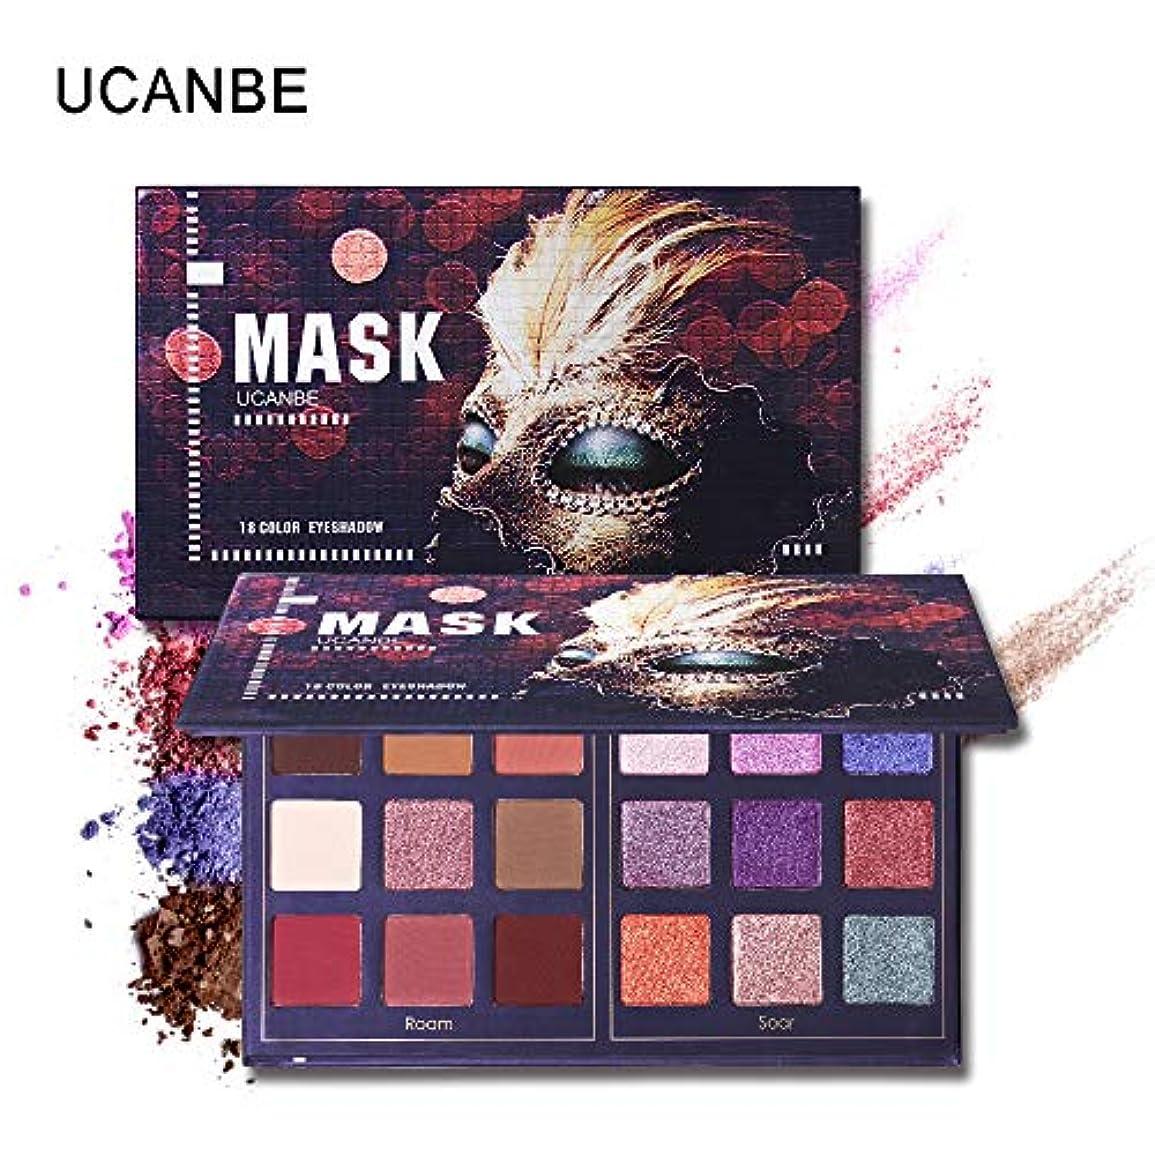 バクテリアモート資本主義Akane アイシャドウパレット UCANBE MASK ファントム 人気 防水 長持ち ゴージャス おしゃれ 魅力的 マット つや消し 綺麗 チャーム ぼかしない 持ち便利 Eye Shadow (18色) STUB032